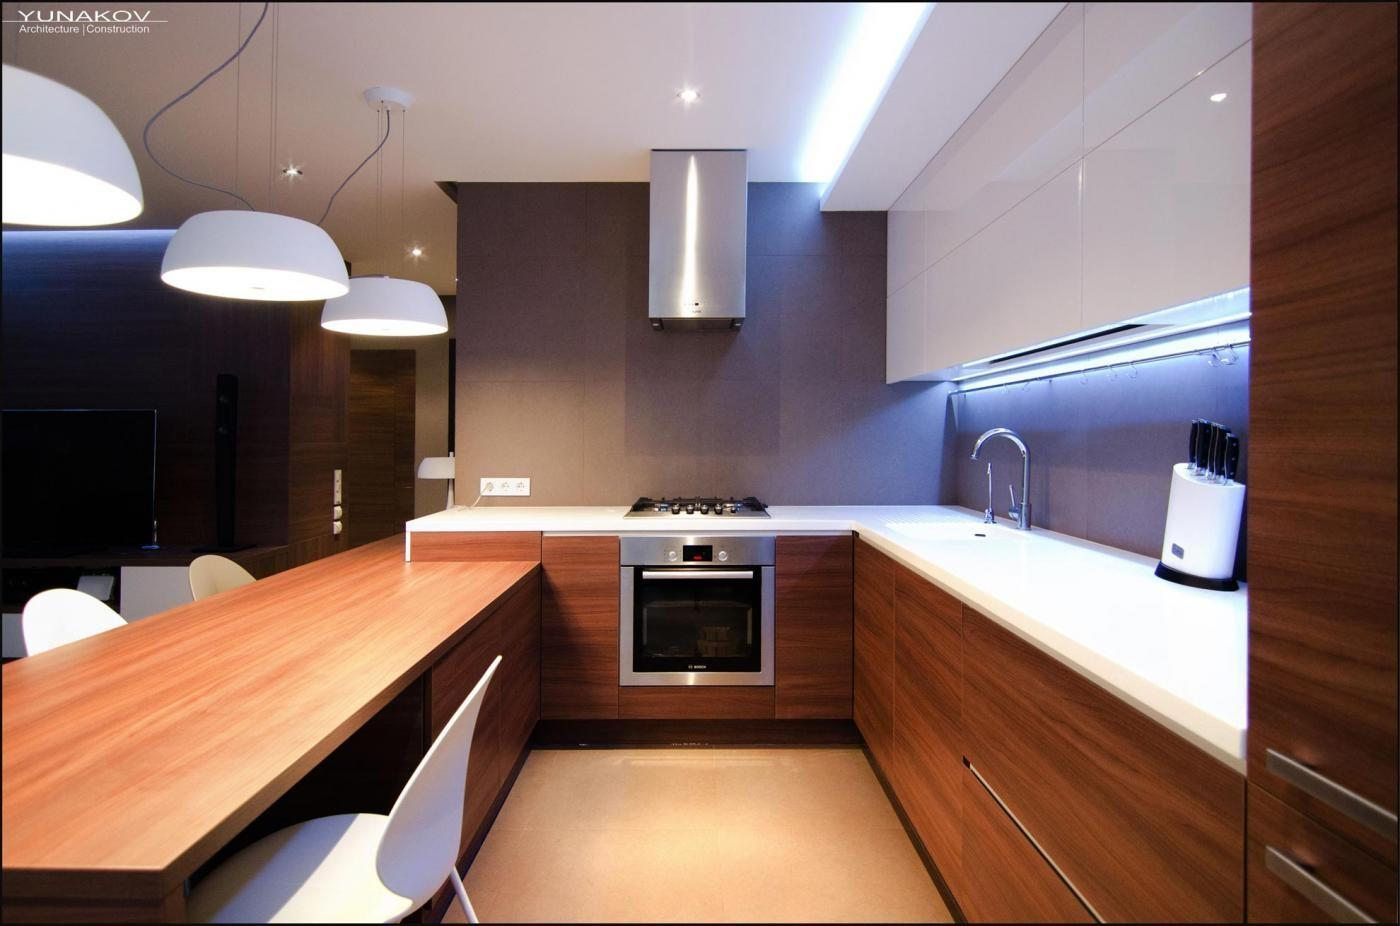 Кухни дизайн минимализм